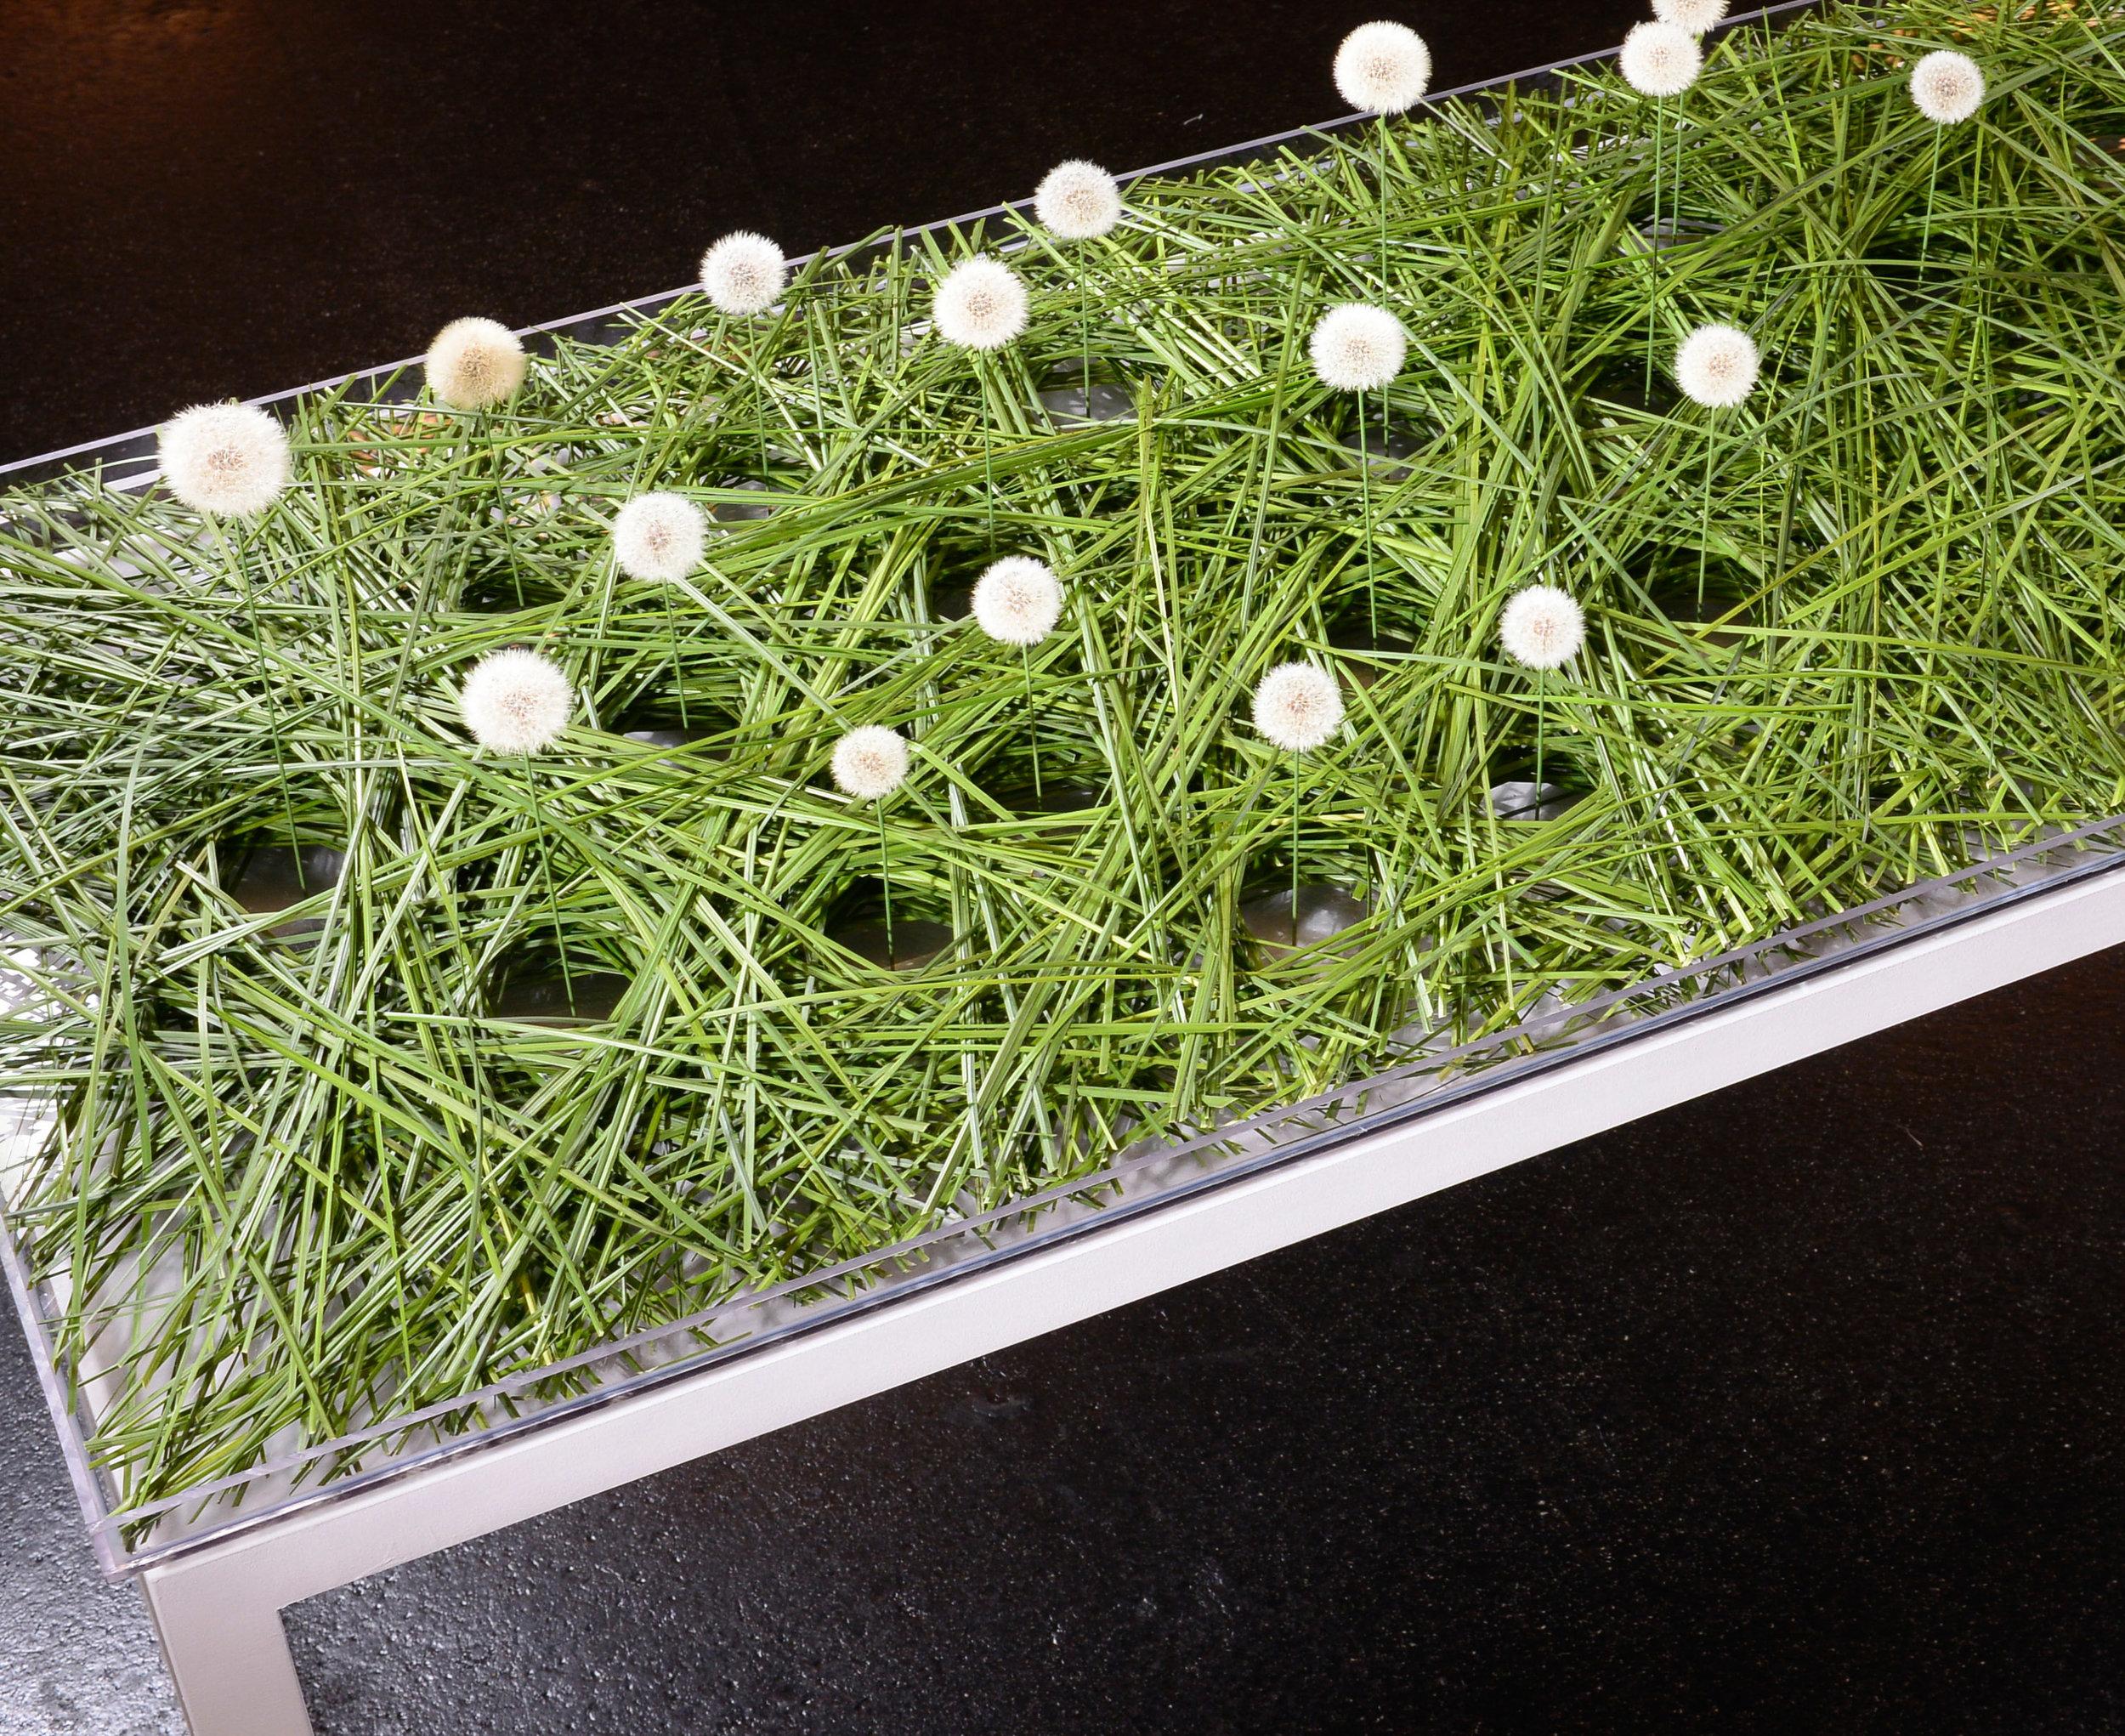 Eine Vielzahl von Steelgräsern formierte Sabrina Schober aus Süddeutschland so an, dass sich in genau bestimmten Abständen kreisrunde Öffnungen ergaben. Diese beherbergten dann je eine Kostbarkeit.